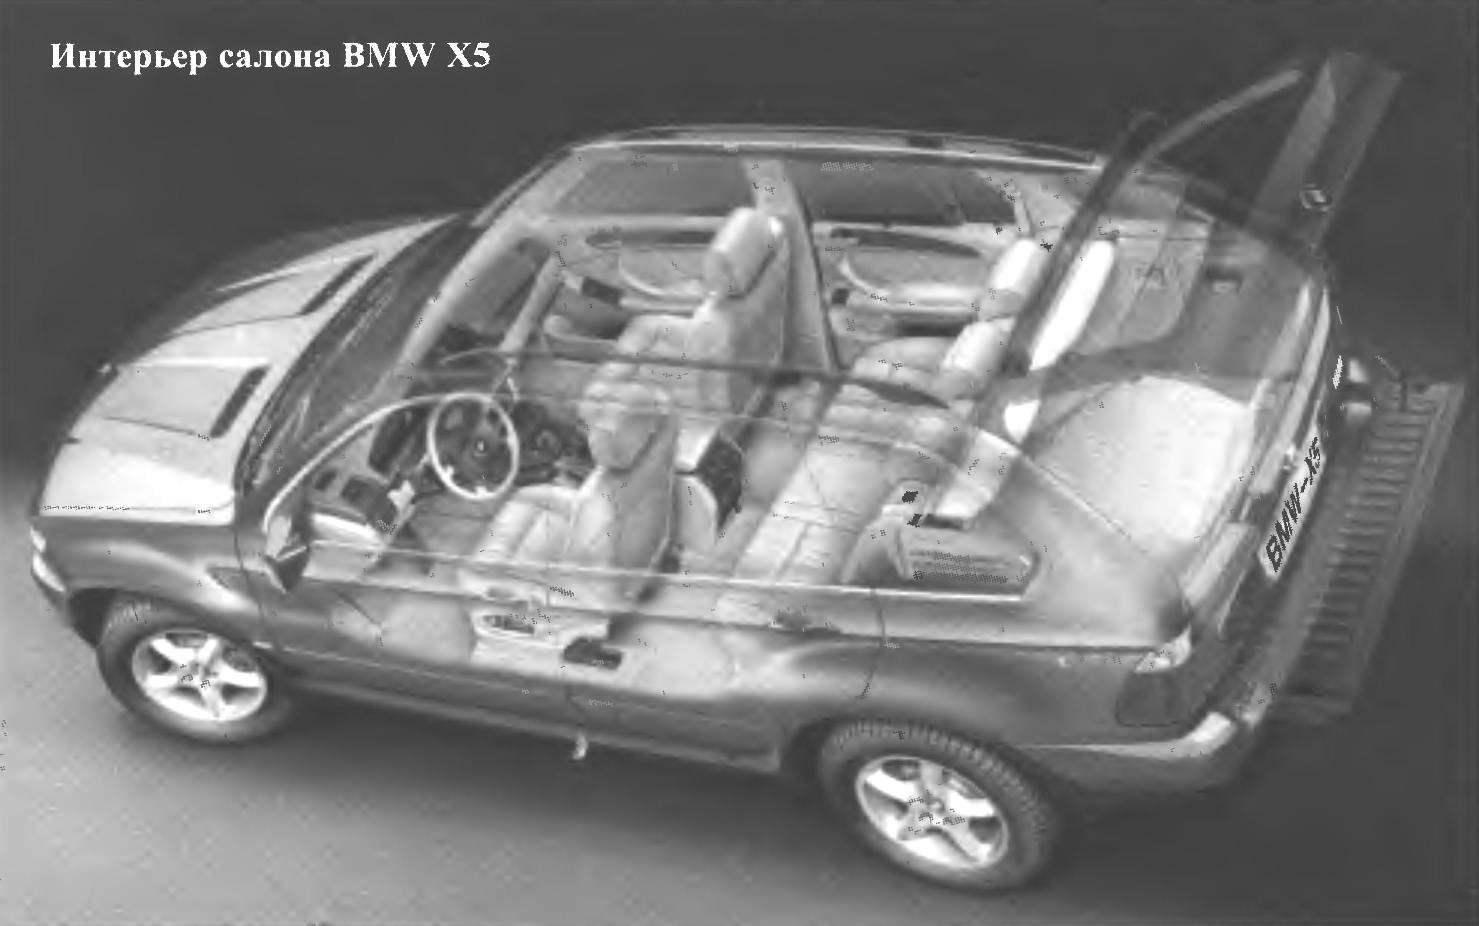 Интерьер салона BMW Х5